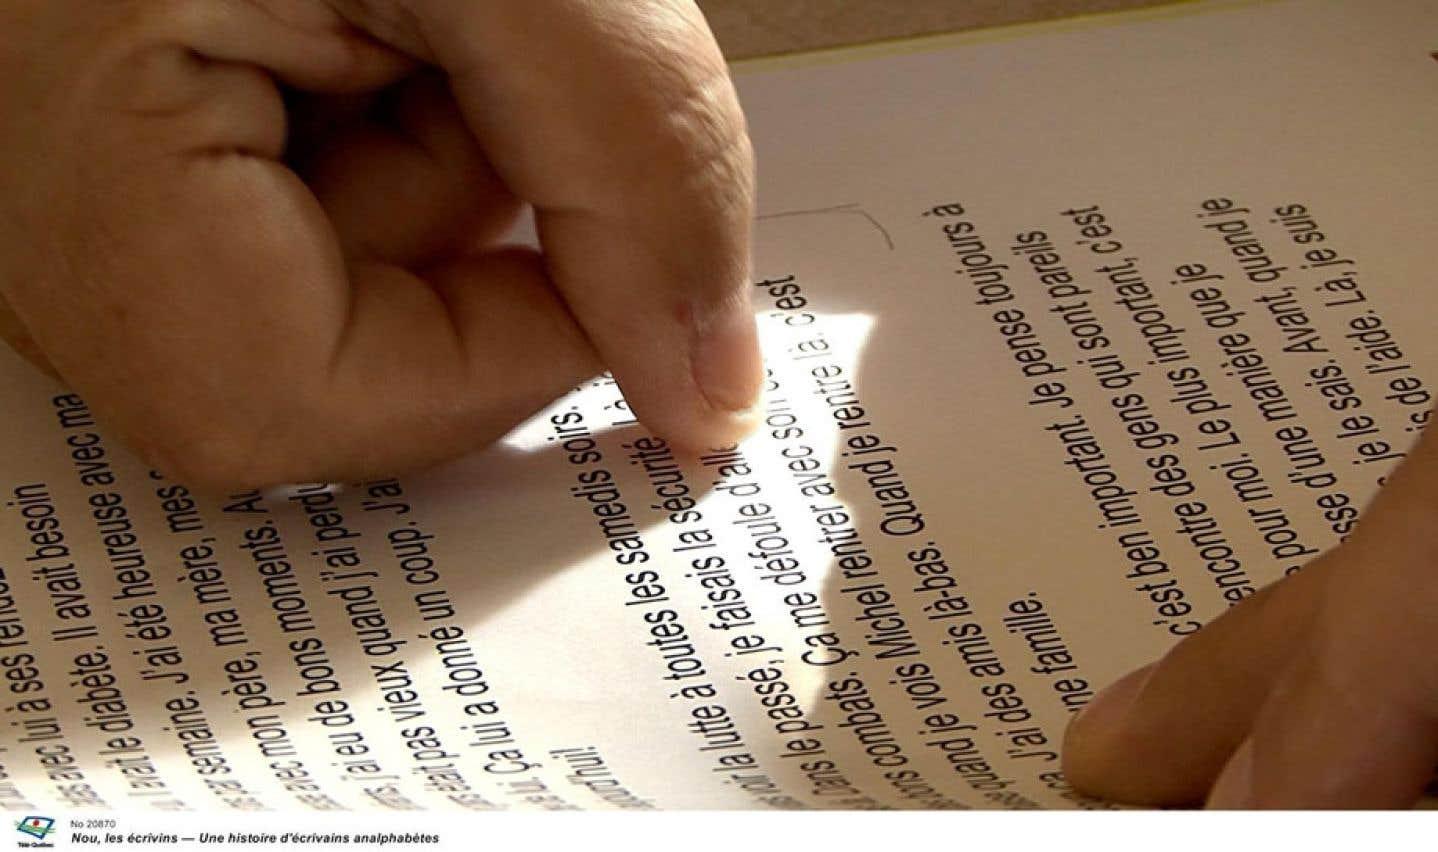 Le problème de plusieurs personnes est qu'elles arrivent à lire, mais qu'elles n'arrivent pas à comprendre ce qu'elles lisent.